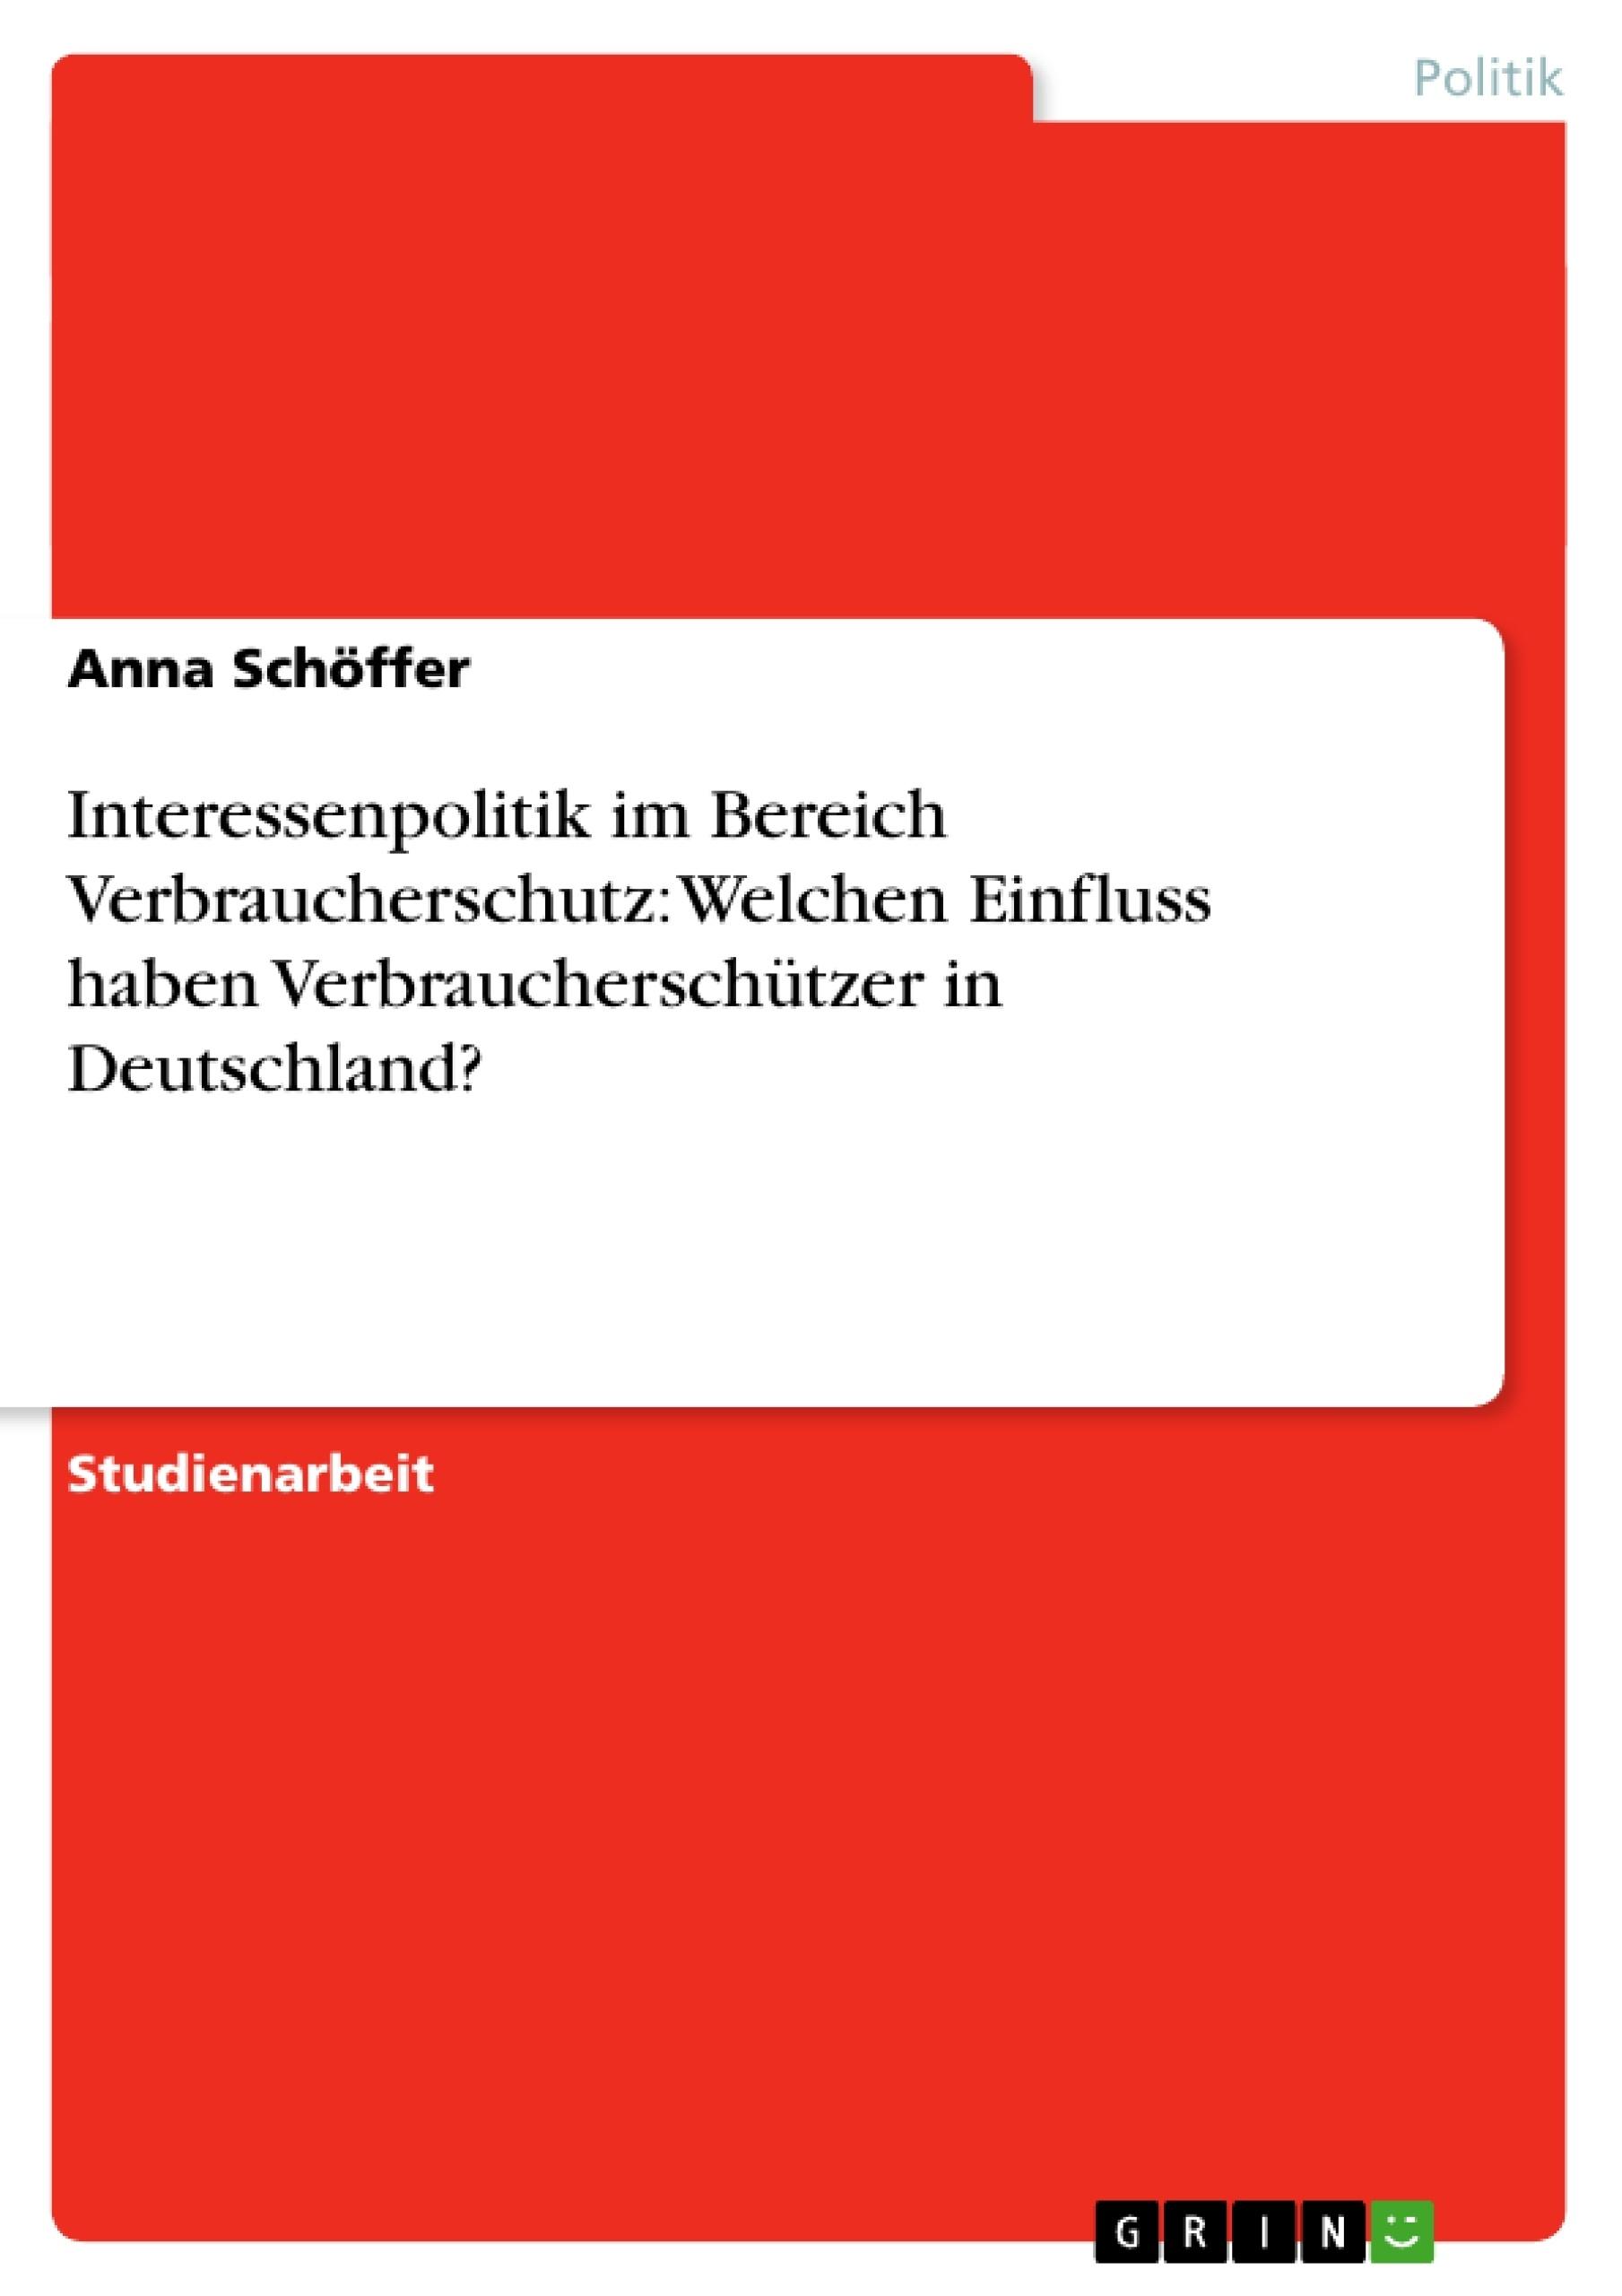 Titel: Interessenpolitik im Bereich Verbraucherschutz: Welchen Einfluss haben Verbraucherschützer in Deutschland?